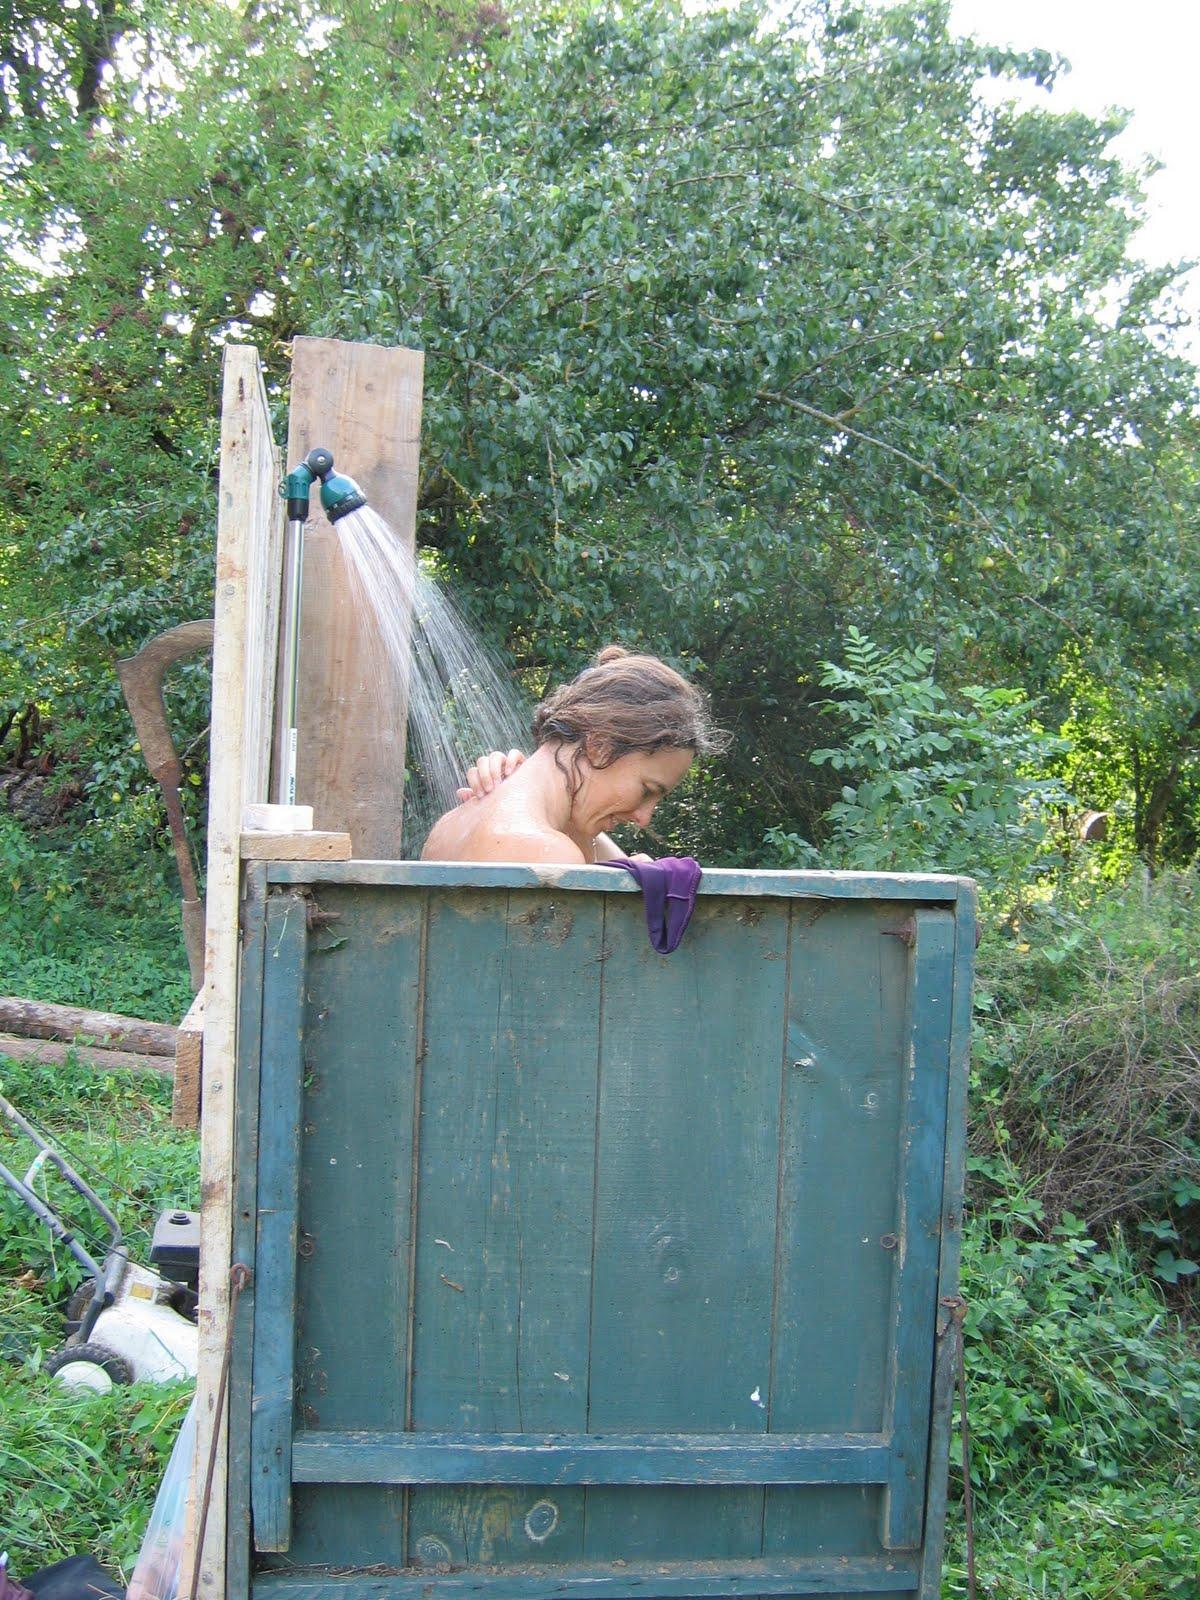 Des travaux brassac - Construire douche exterieure ...